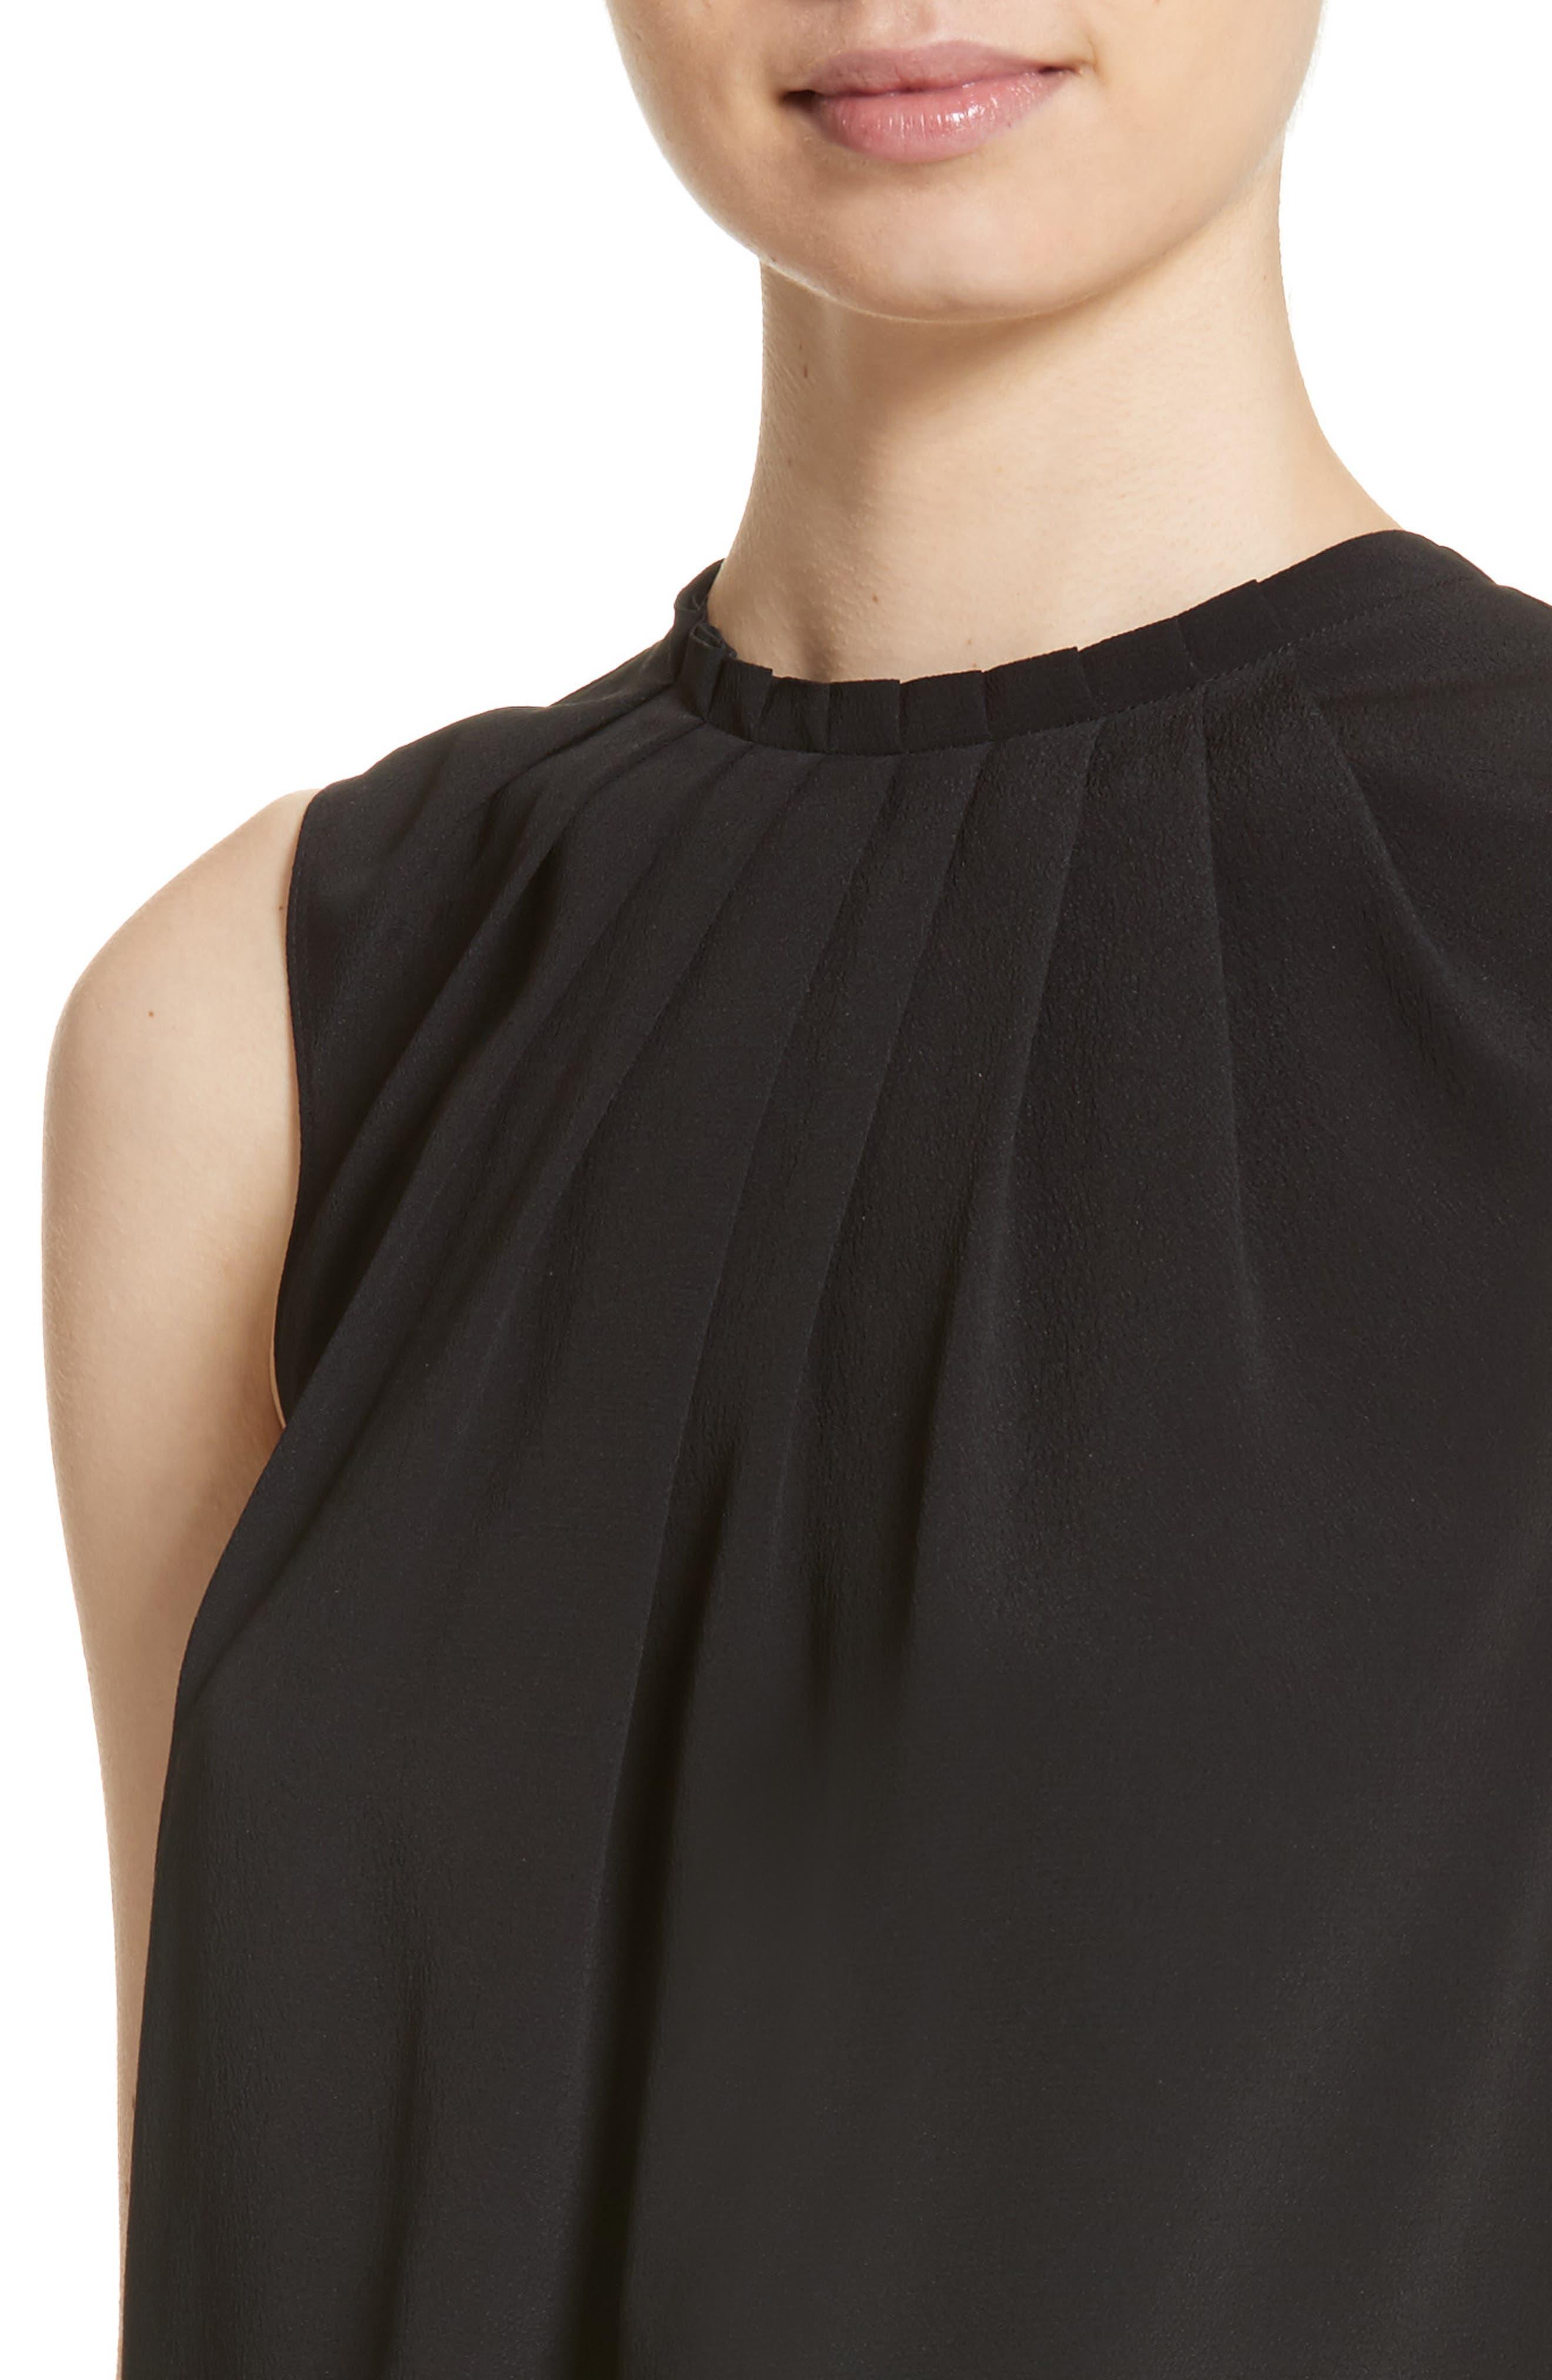 Tucked Neck Silk Blend Blouse,                             Alternate thumbnail 5, color,                             Black